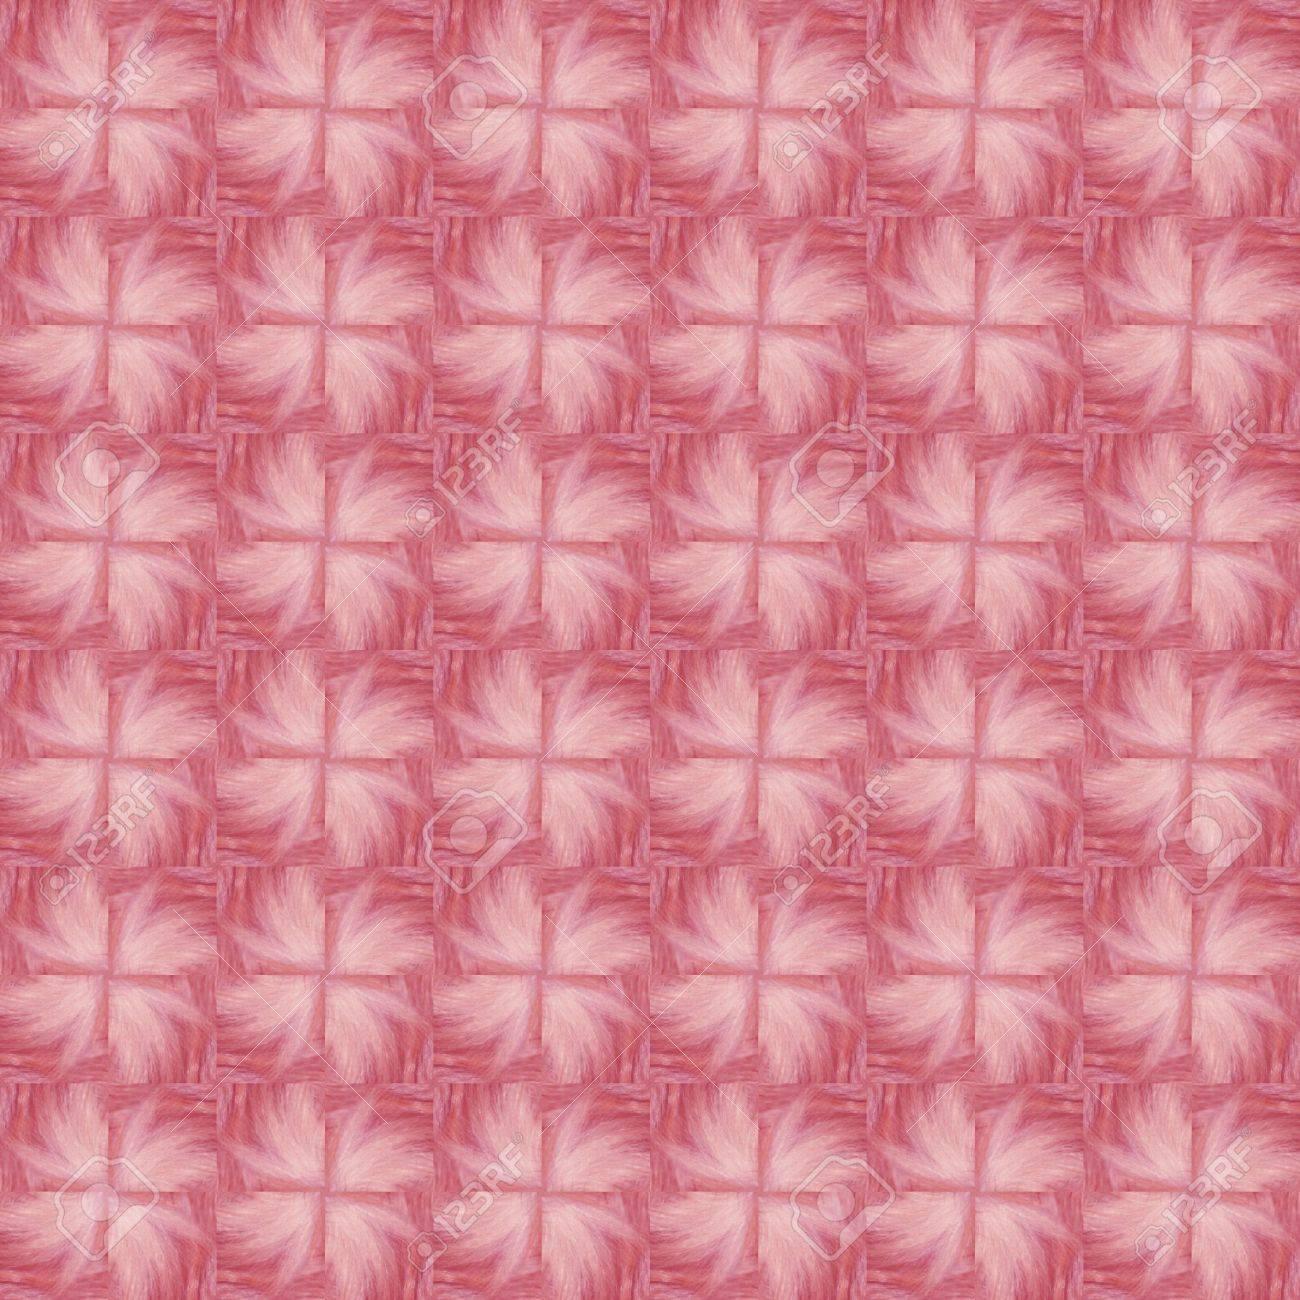 Immagini Stock Seamless Piastrellabile Sfondo Grandi Fiori Rosa